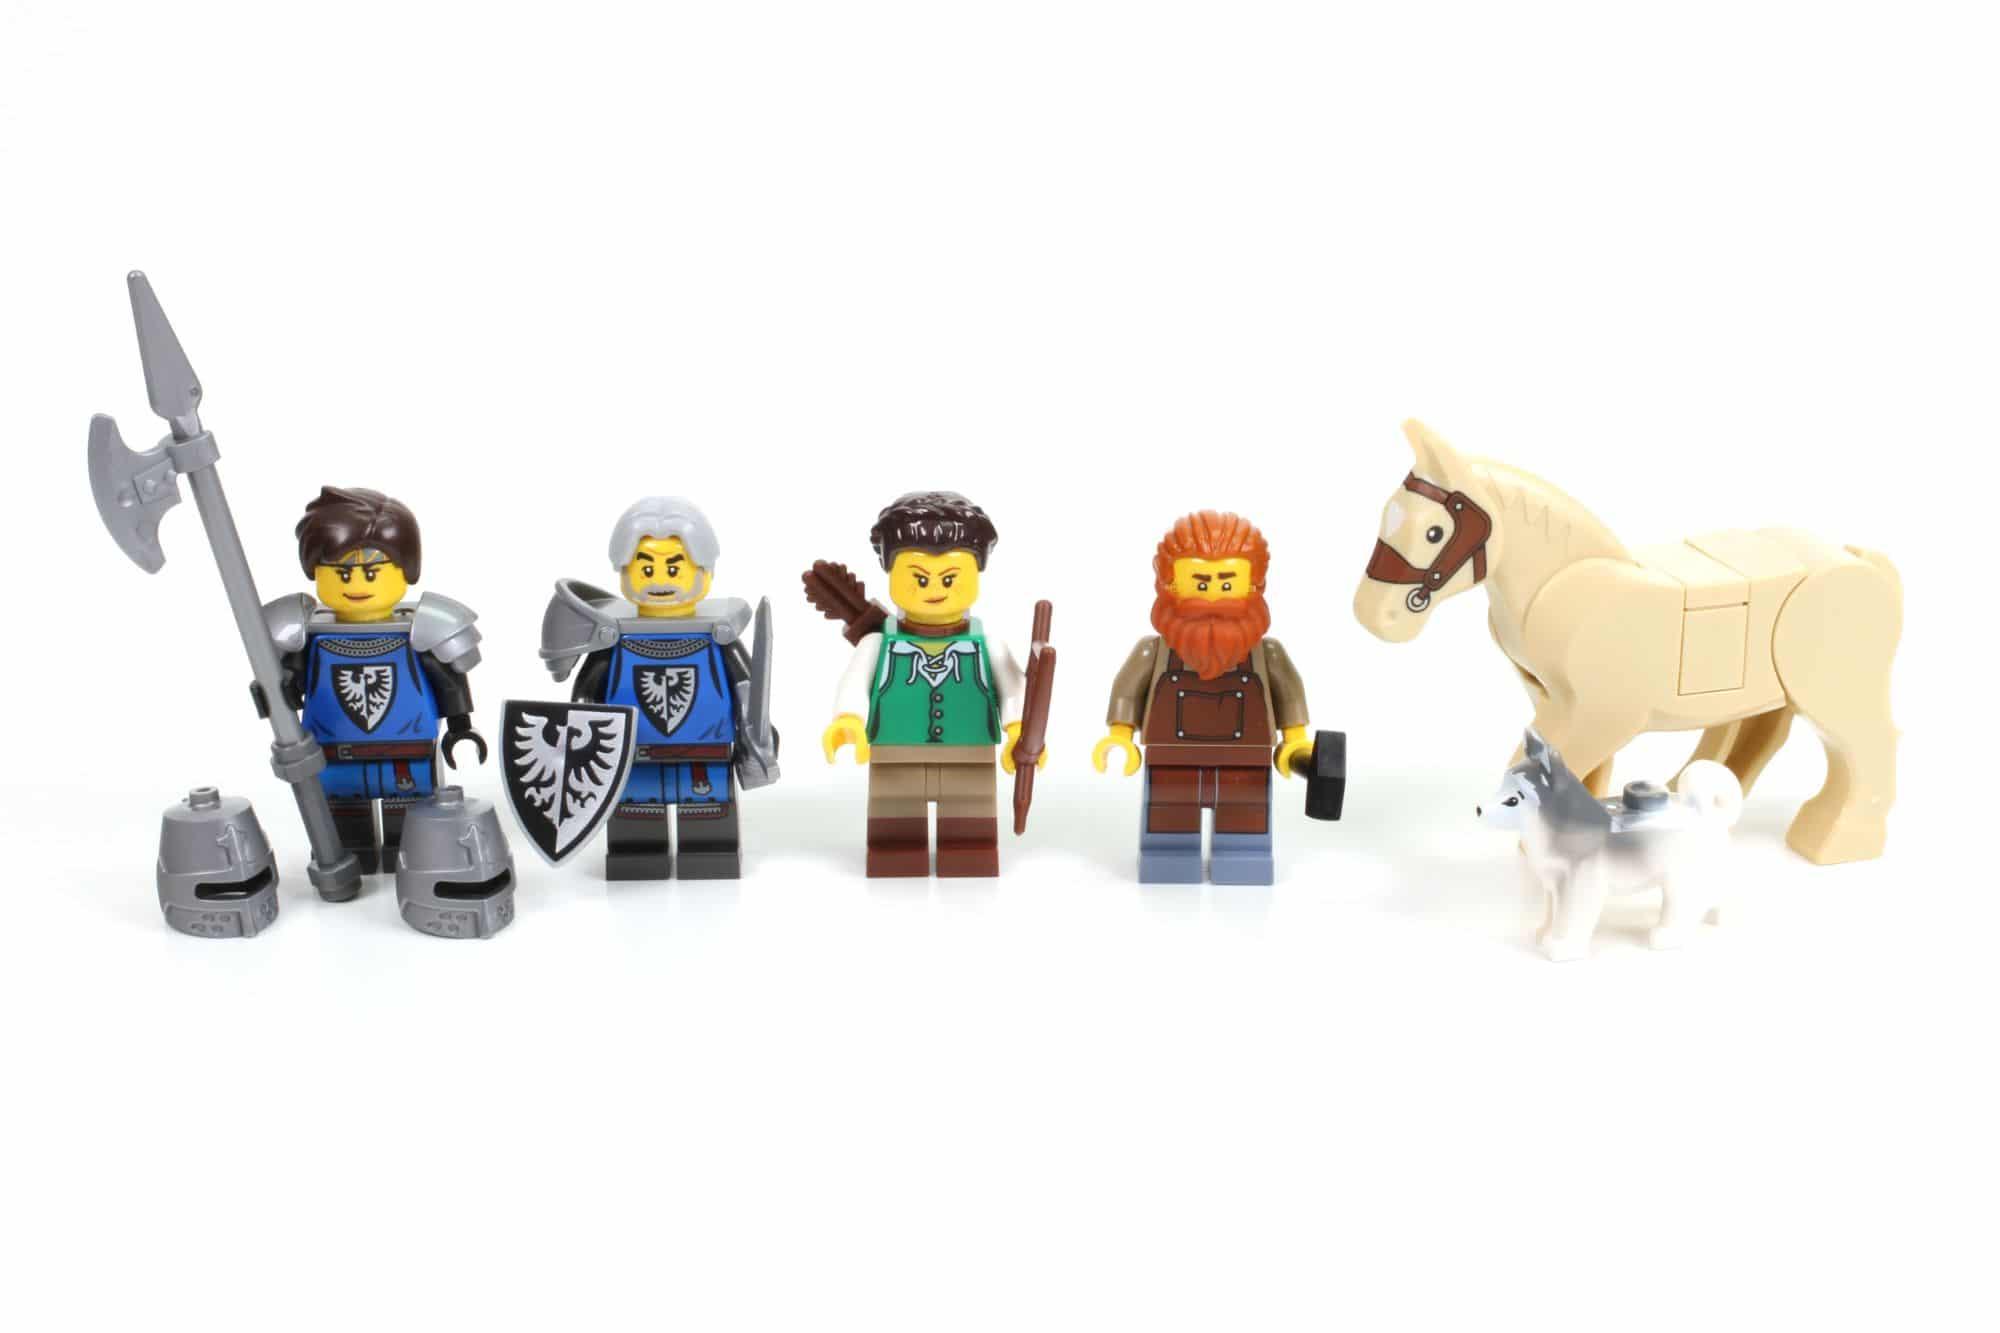 LEGO Ideas 21325 Mittelalterliche Schmiede Minifiguren Und Tiere